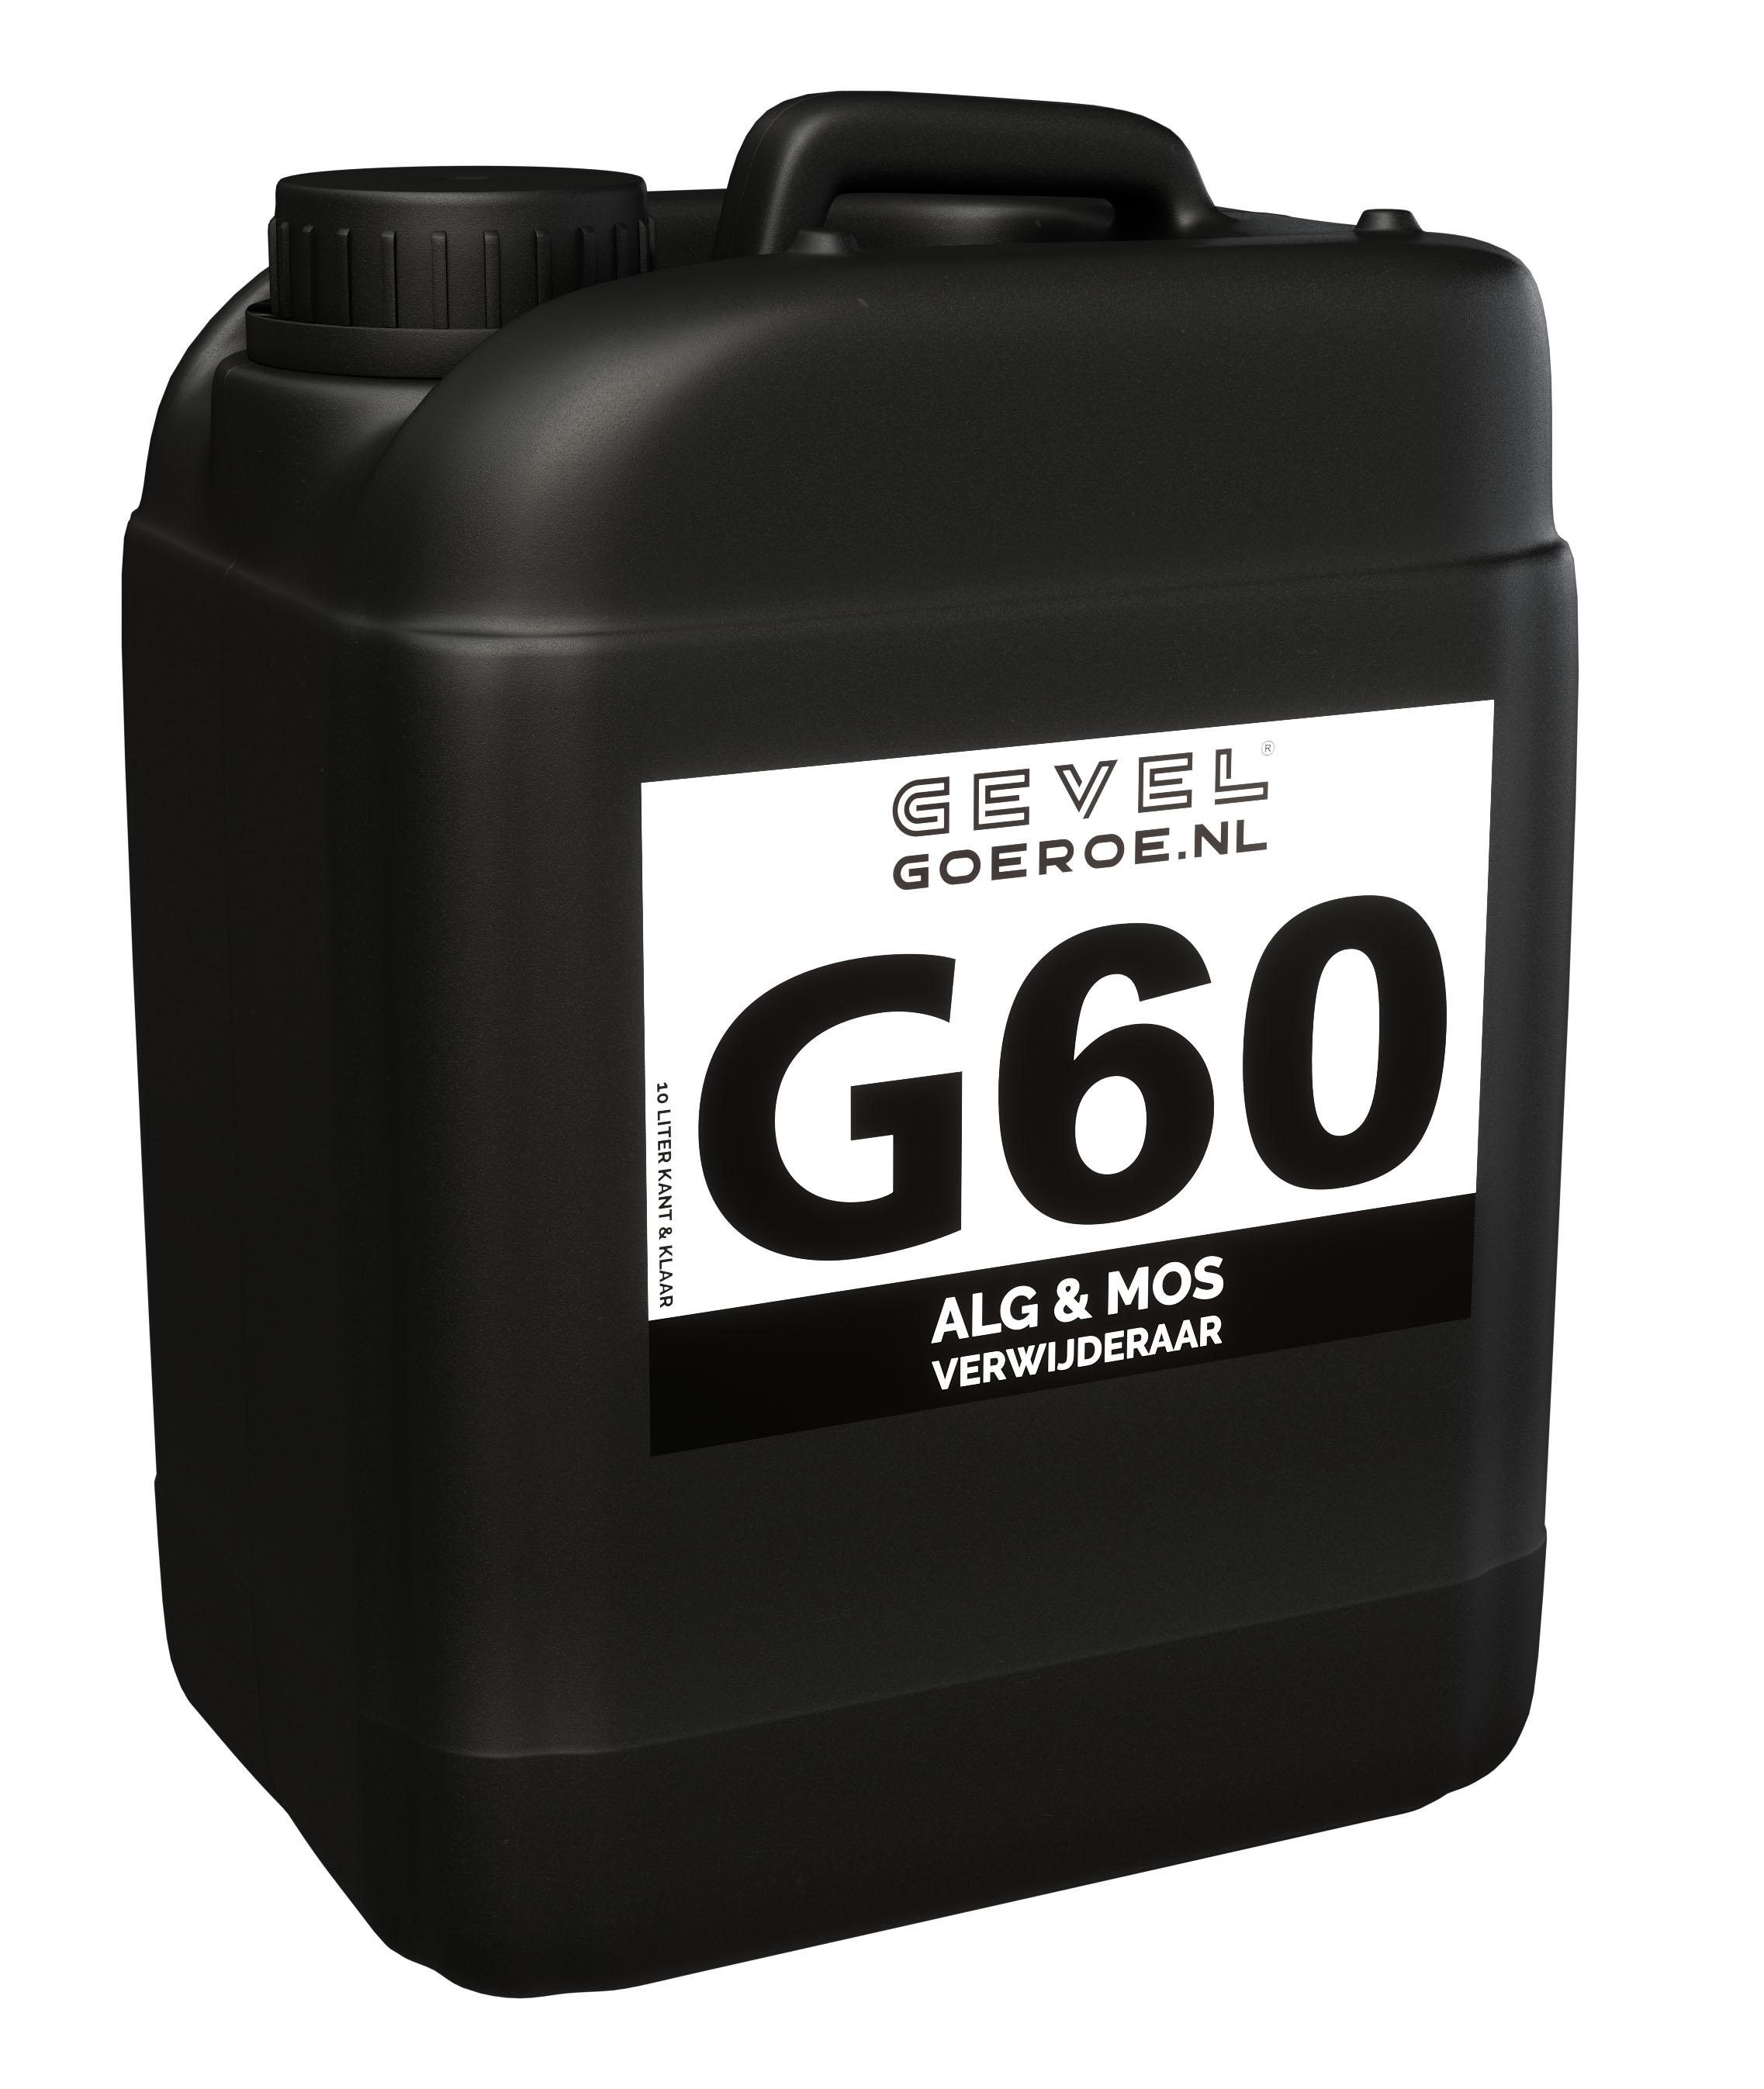 G60 - Algen- & Mosverwijderaar extra krachtig 10L